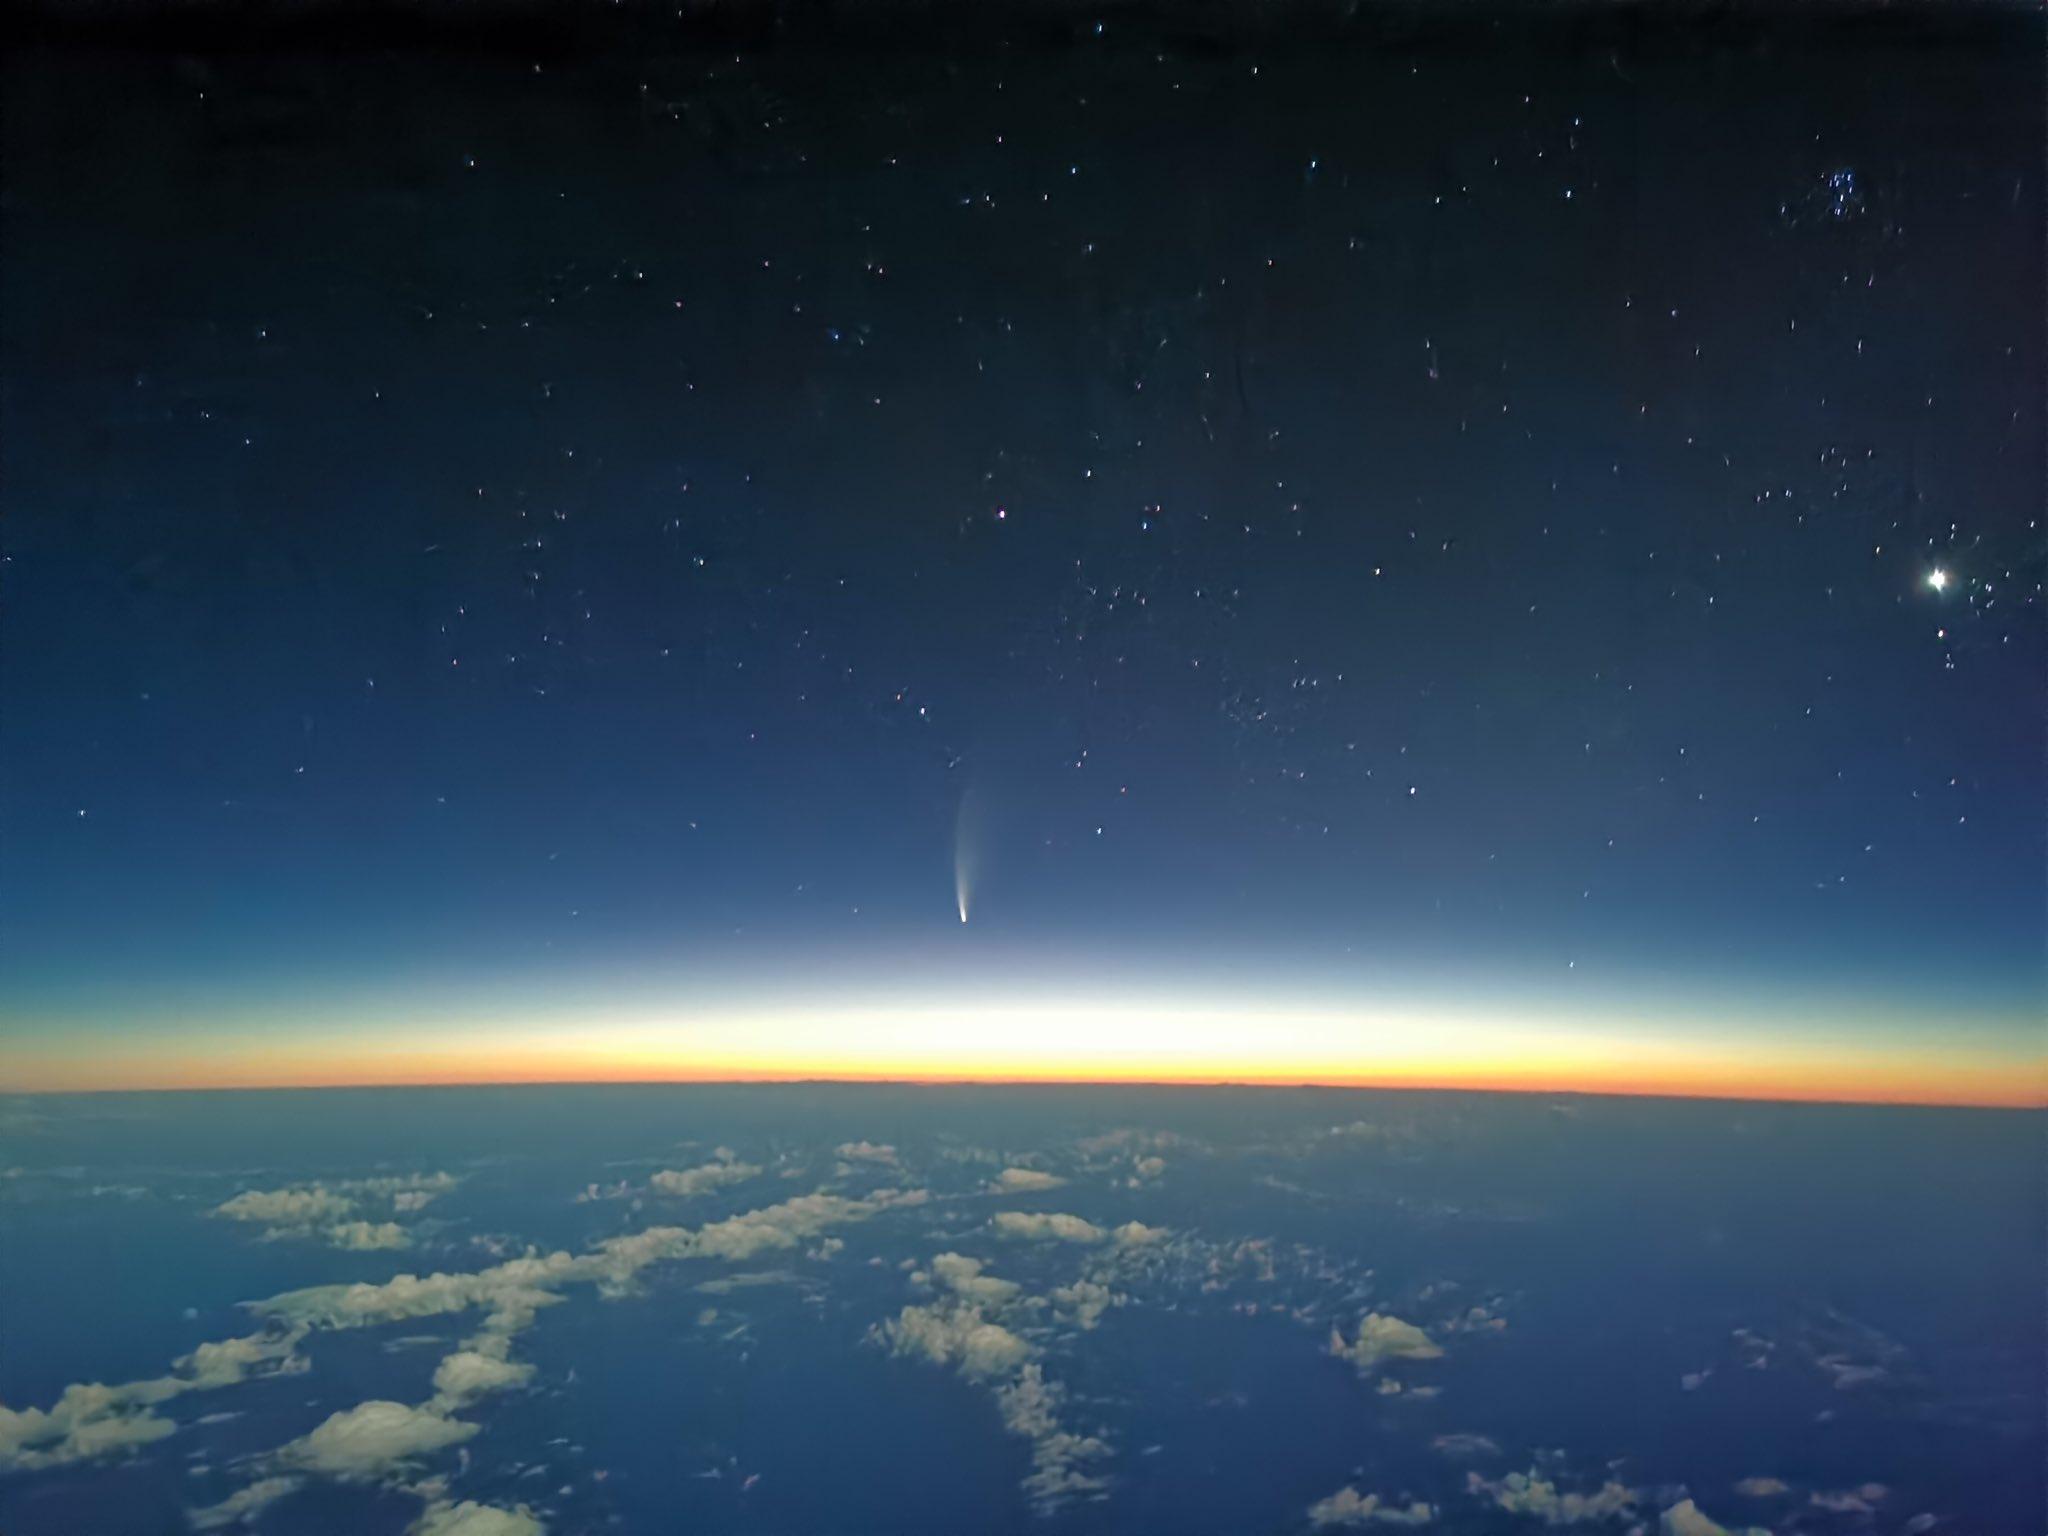 Así se ve el cometa Neowise desde la cabina de un Airbus en la «soledad» del Atlántico